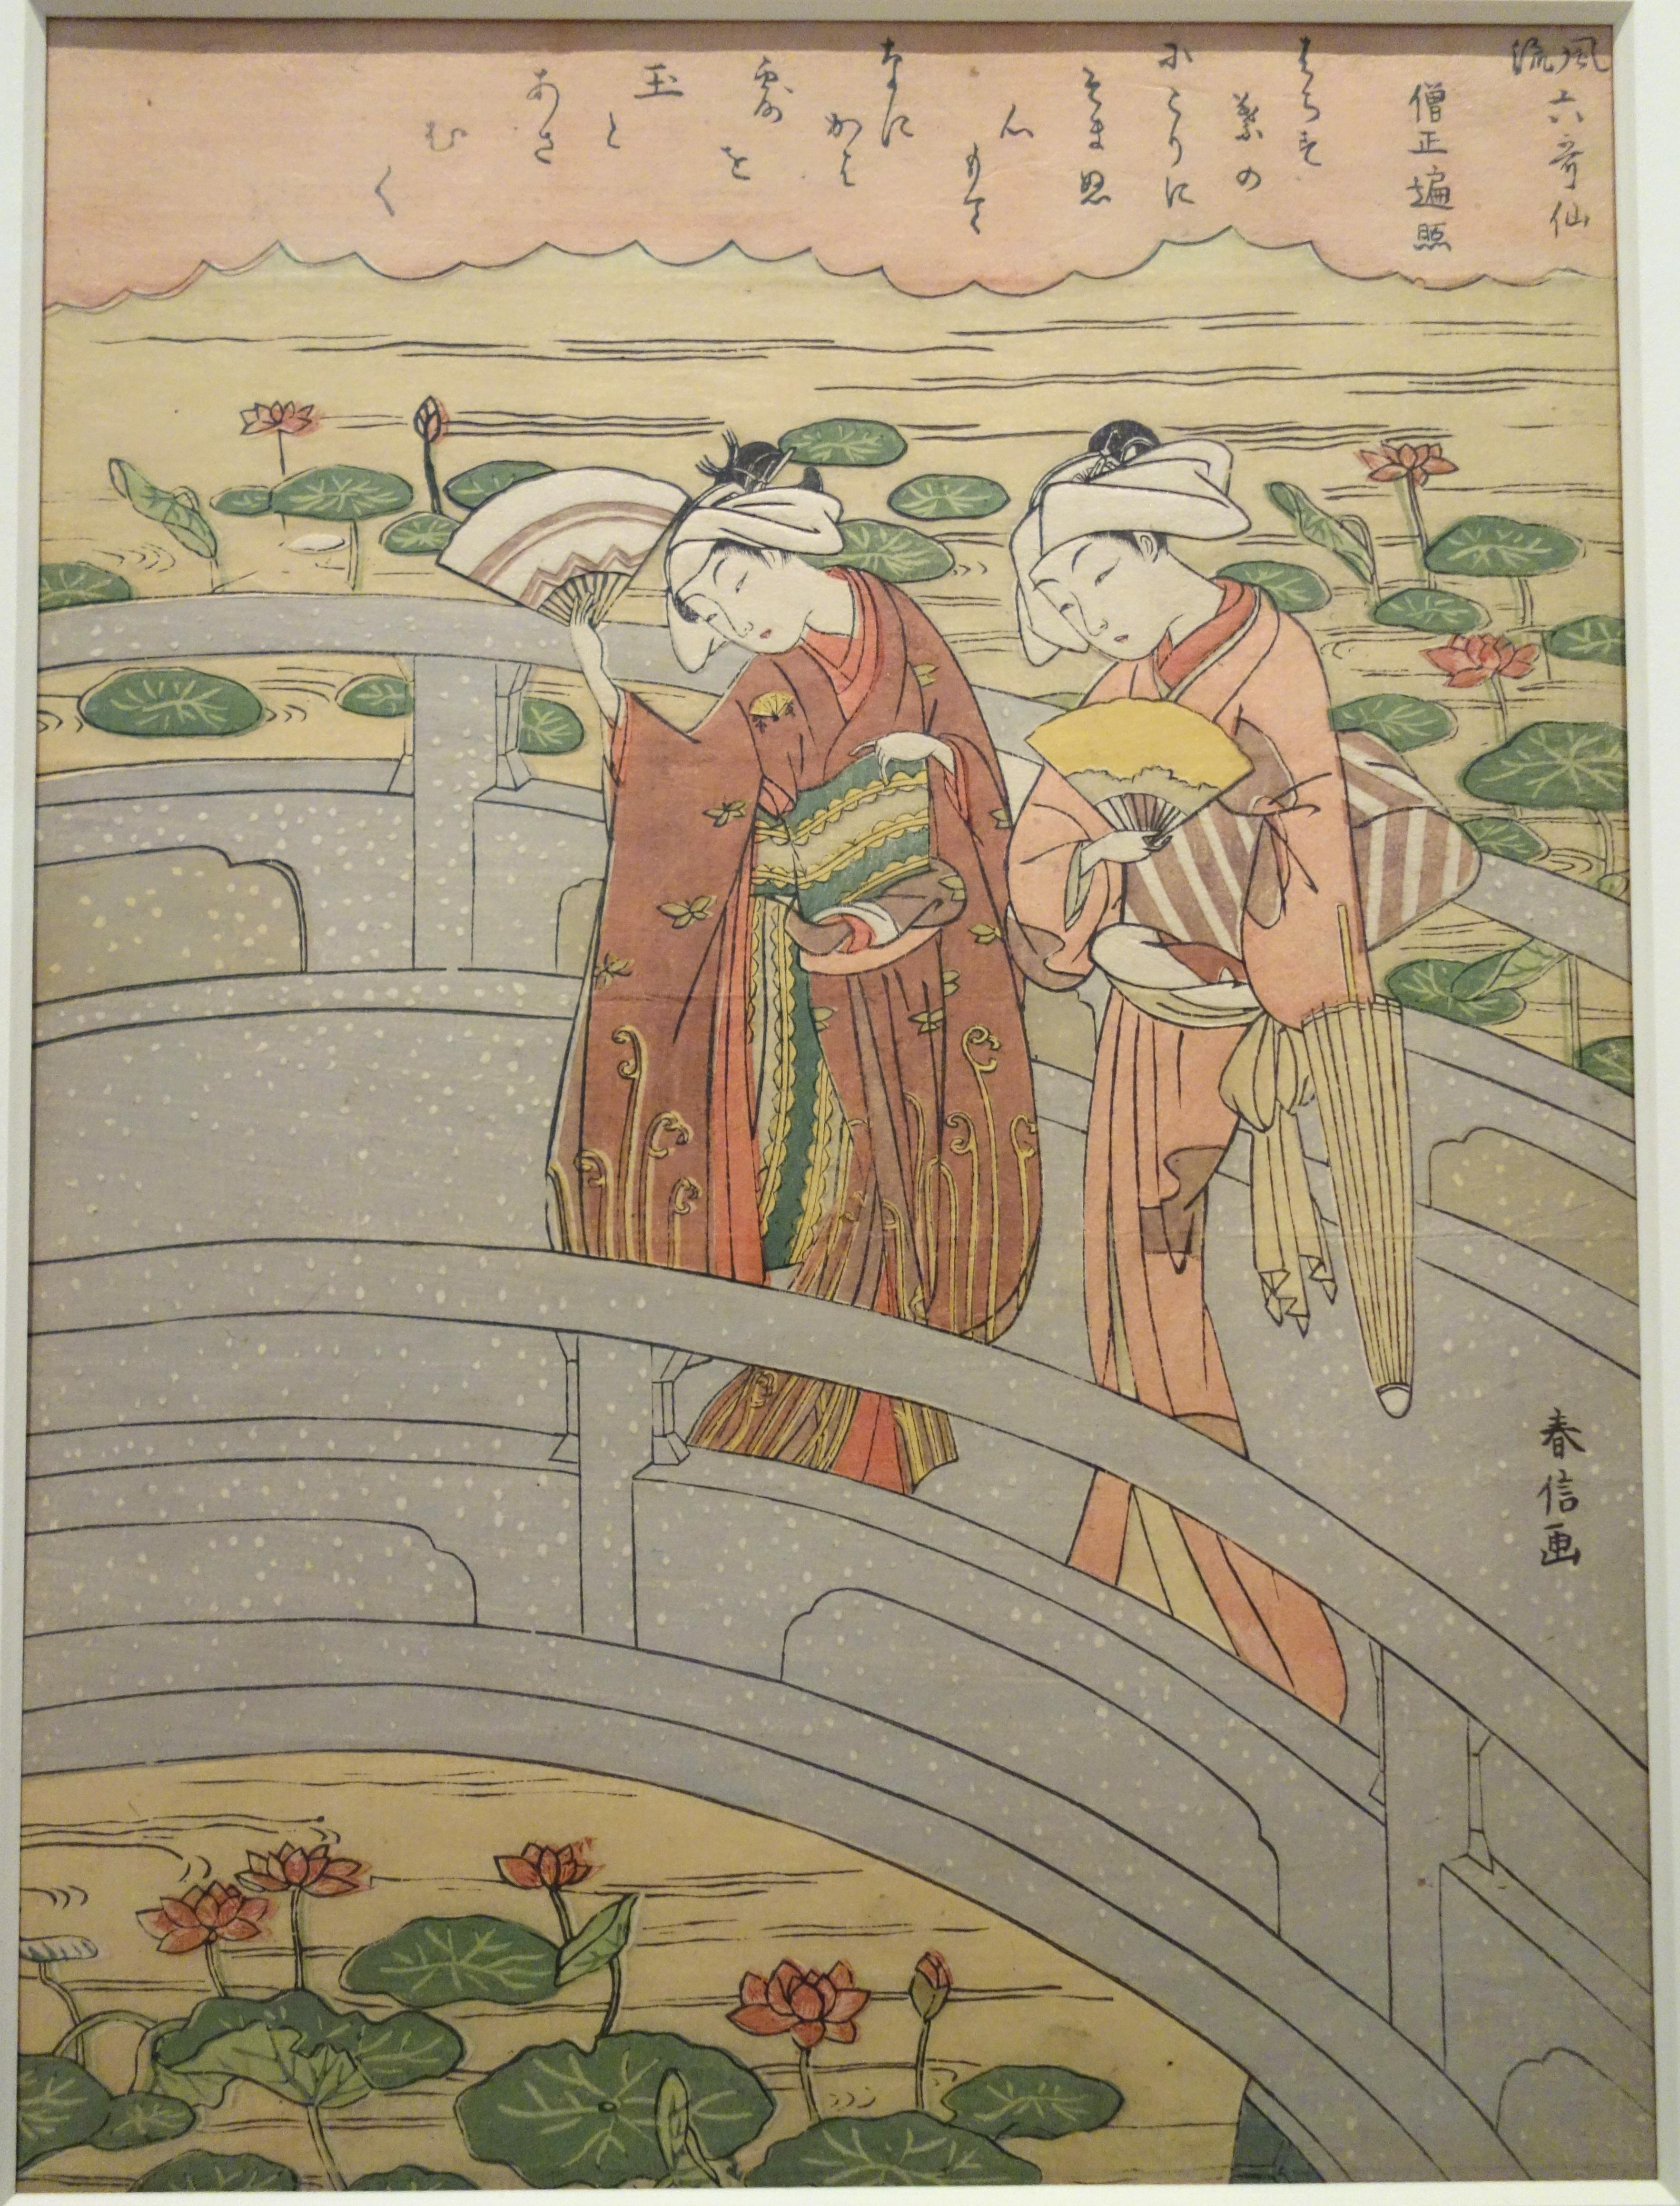 Suzuki Harunobu Why He Made Art